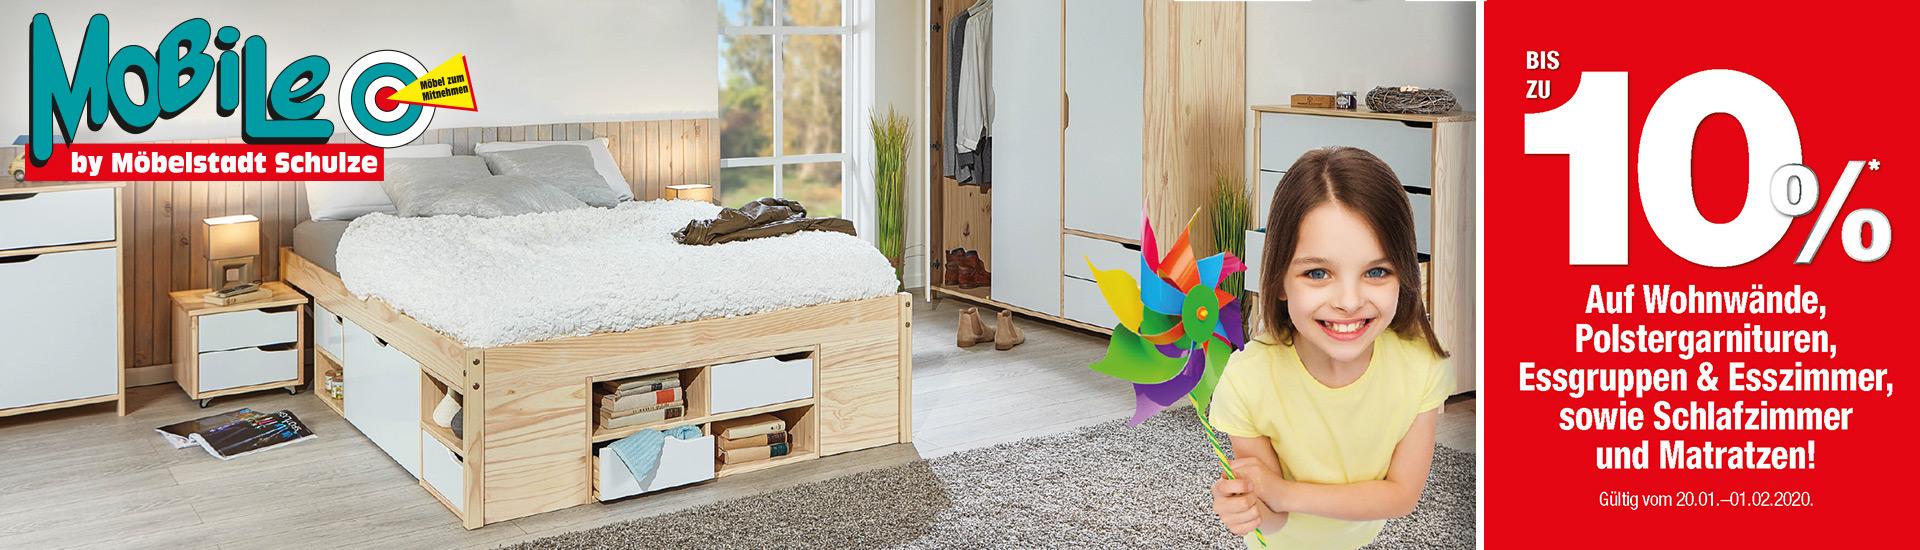 Jugendzimmer mit praktischem Ordnungssystem | Mobile | Schulze Möbelstadt